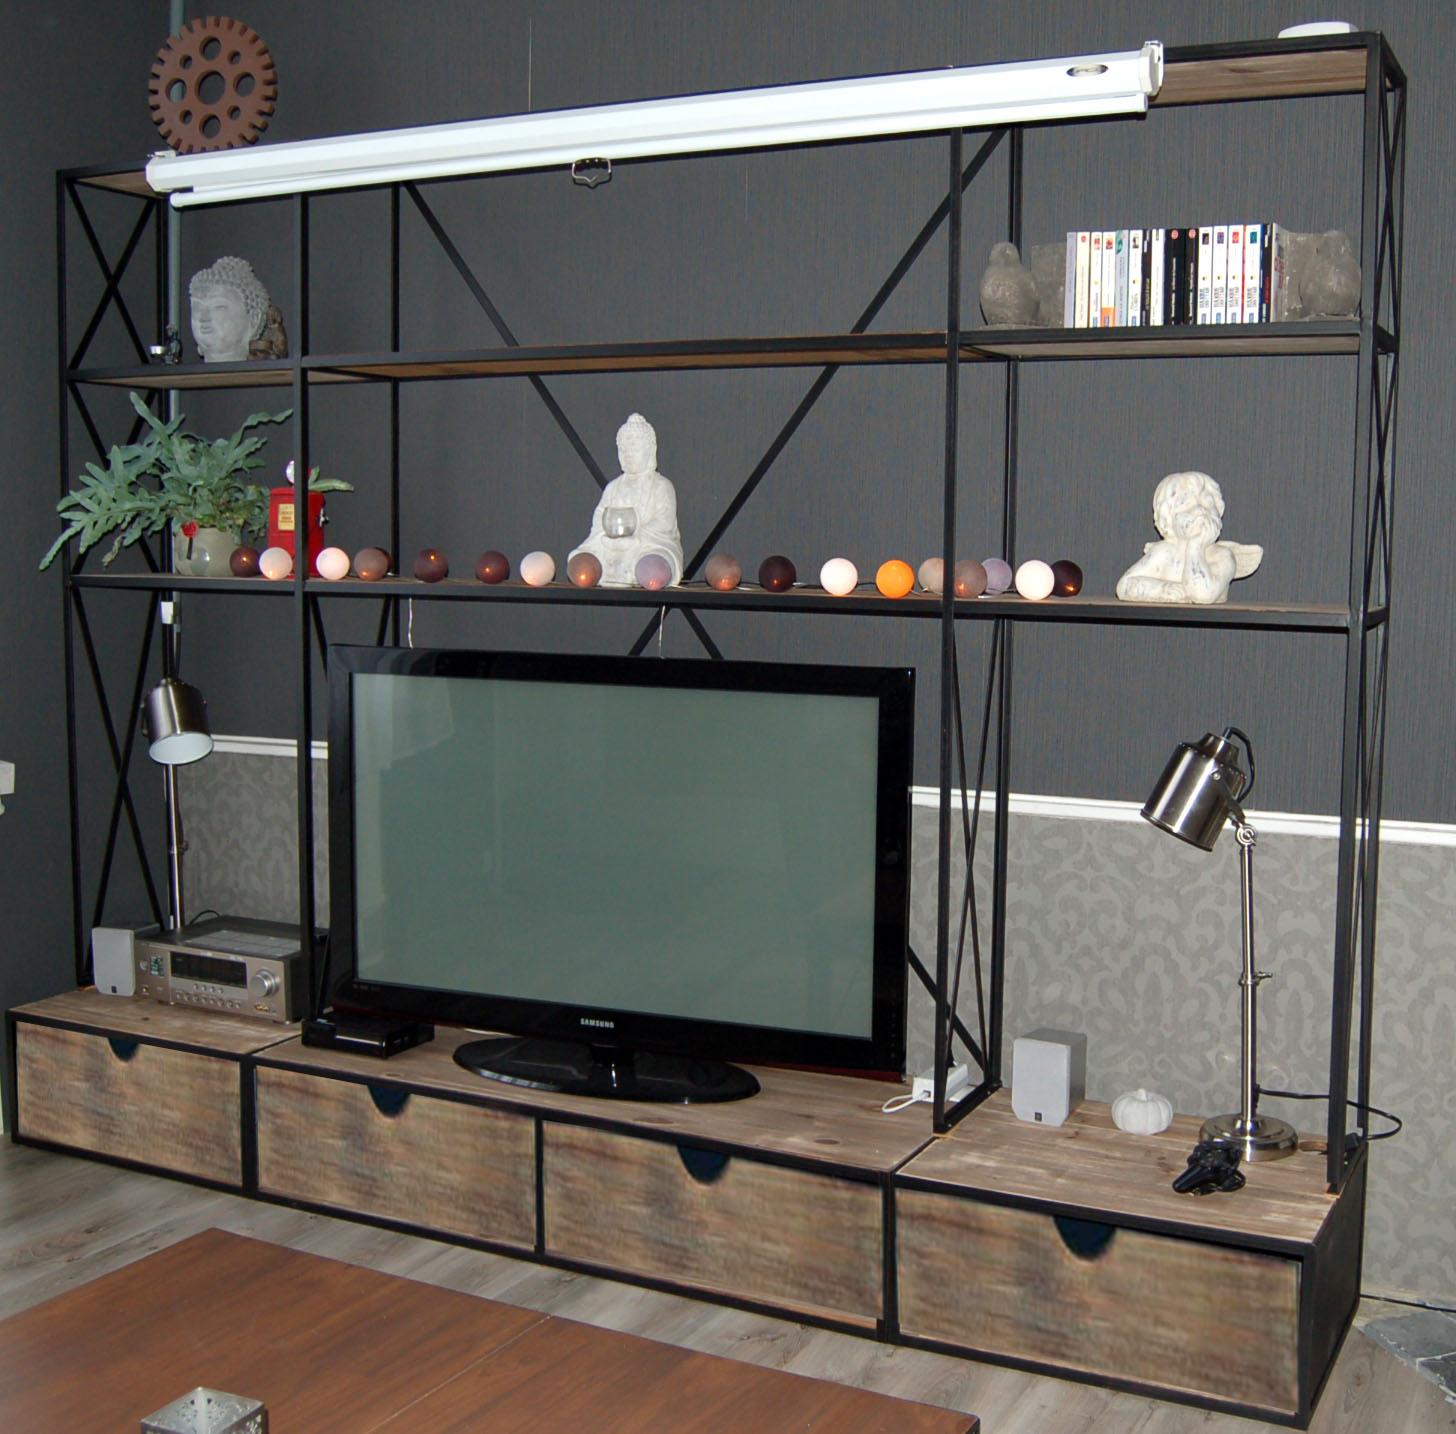 blog de la maison de l imaginarium l ambiance factory 100 sur mesure bibliotheque meuble tv